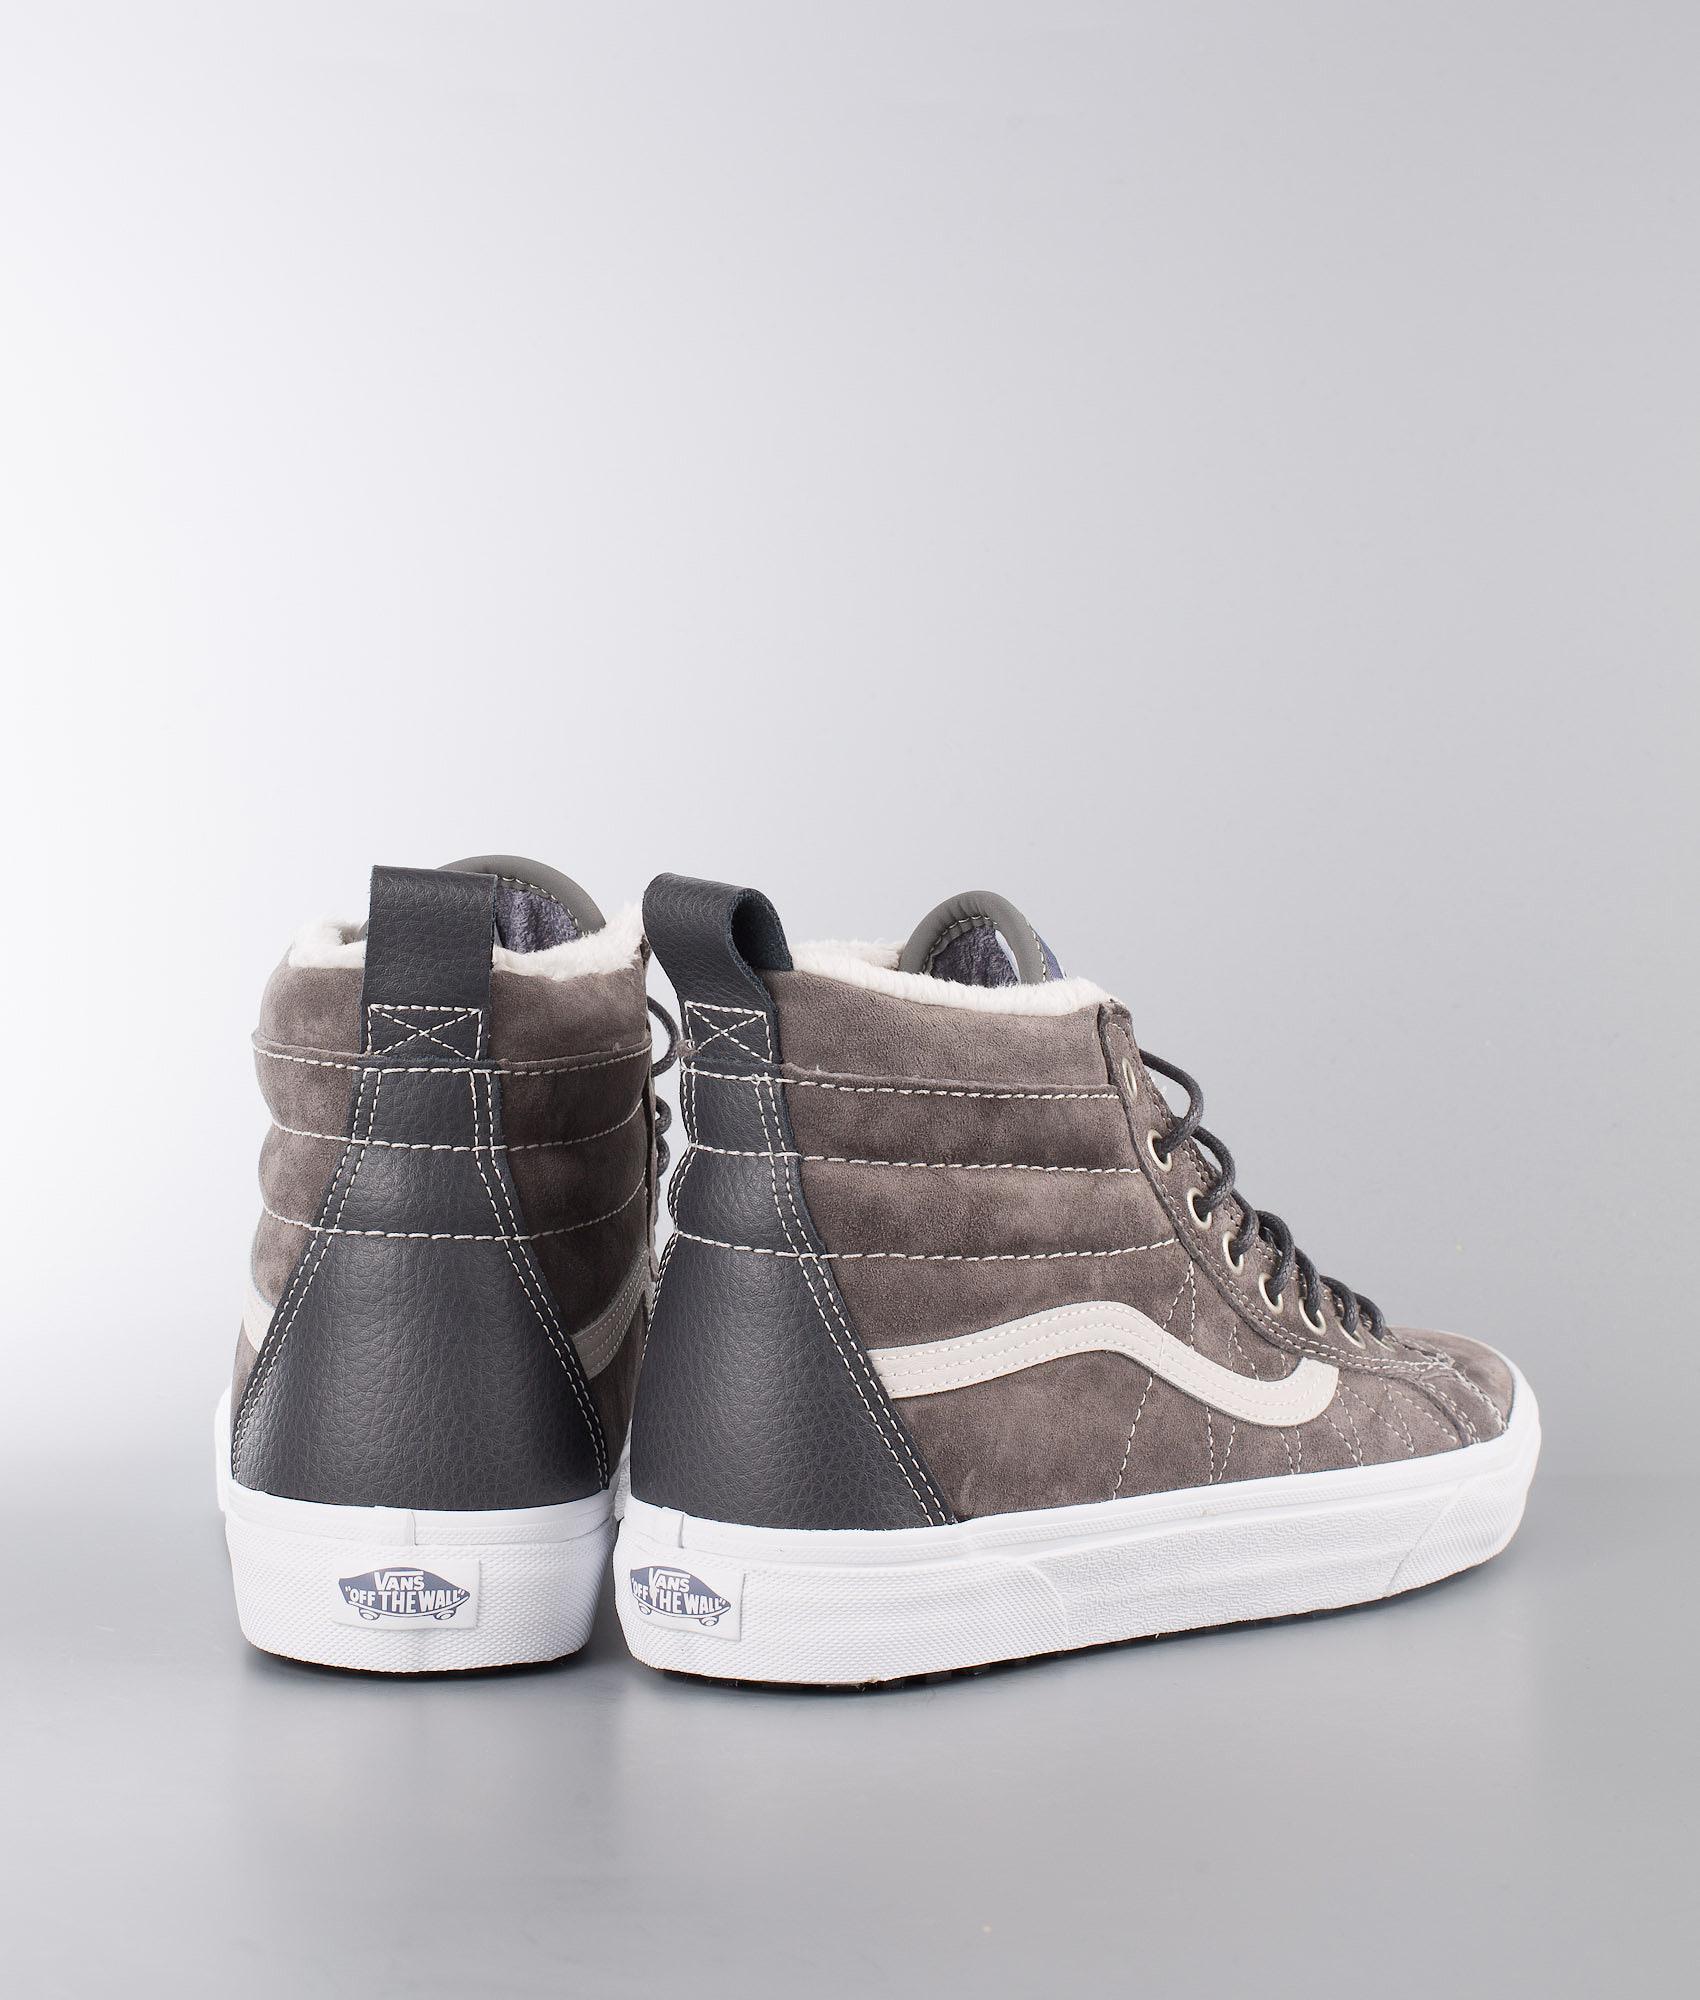 4888fda3a033 Vans Sk8-Hi Mte Shoes (Mte) Pewter Asphalt - Ridestore.com